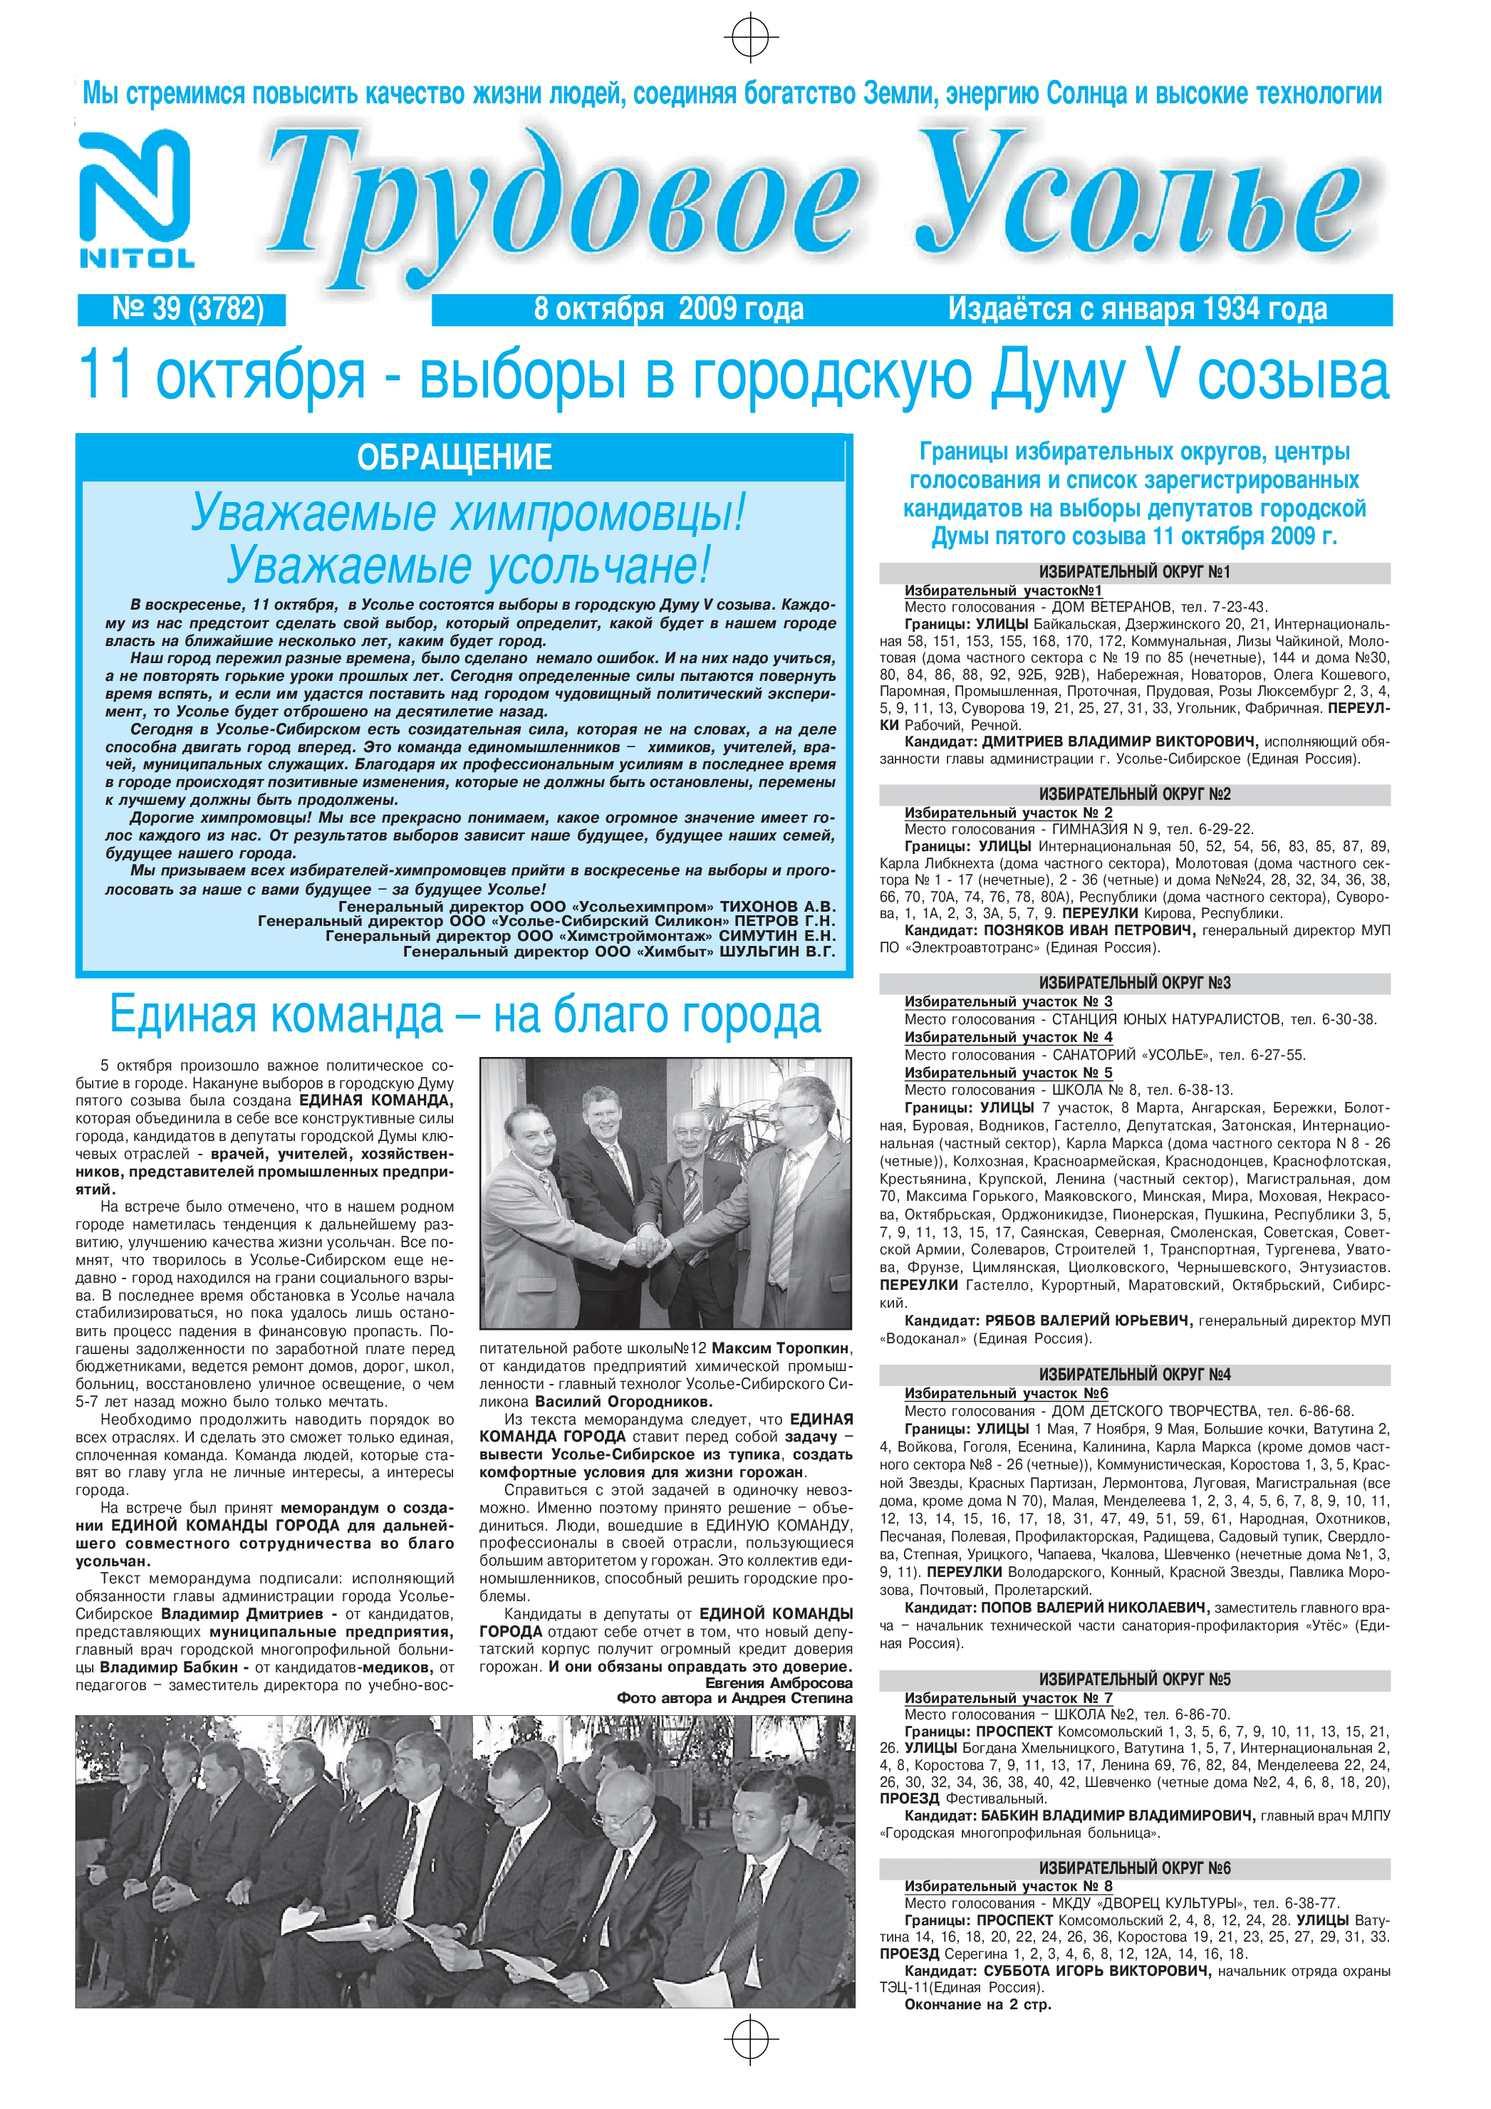 Поликлиника 37 автозаводского района нижний новгород официальный сайт